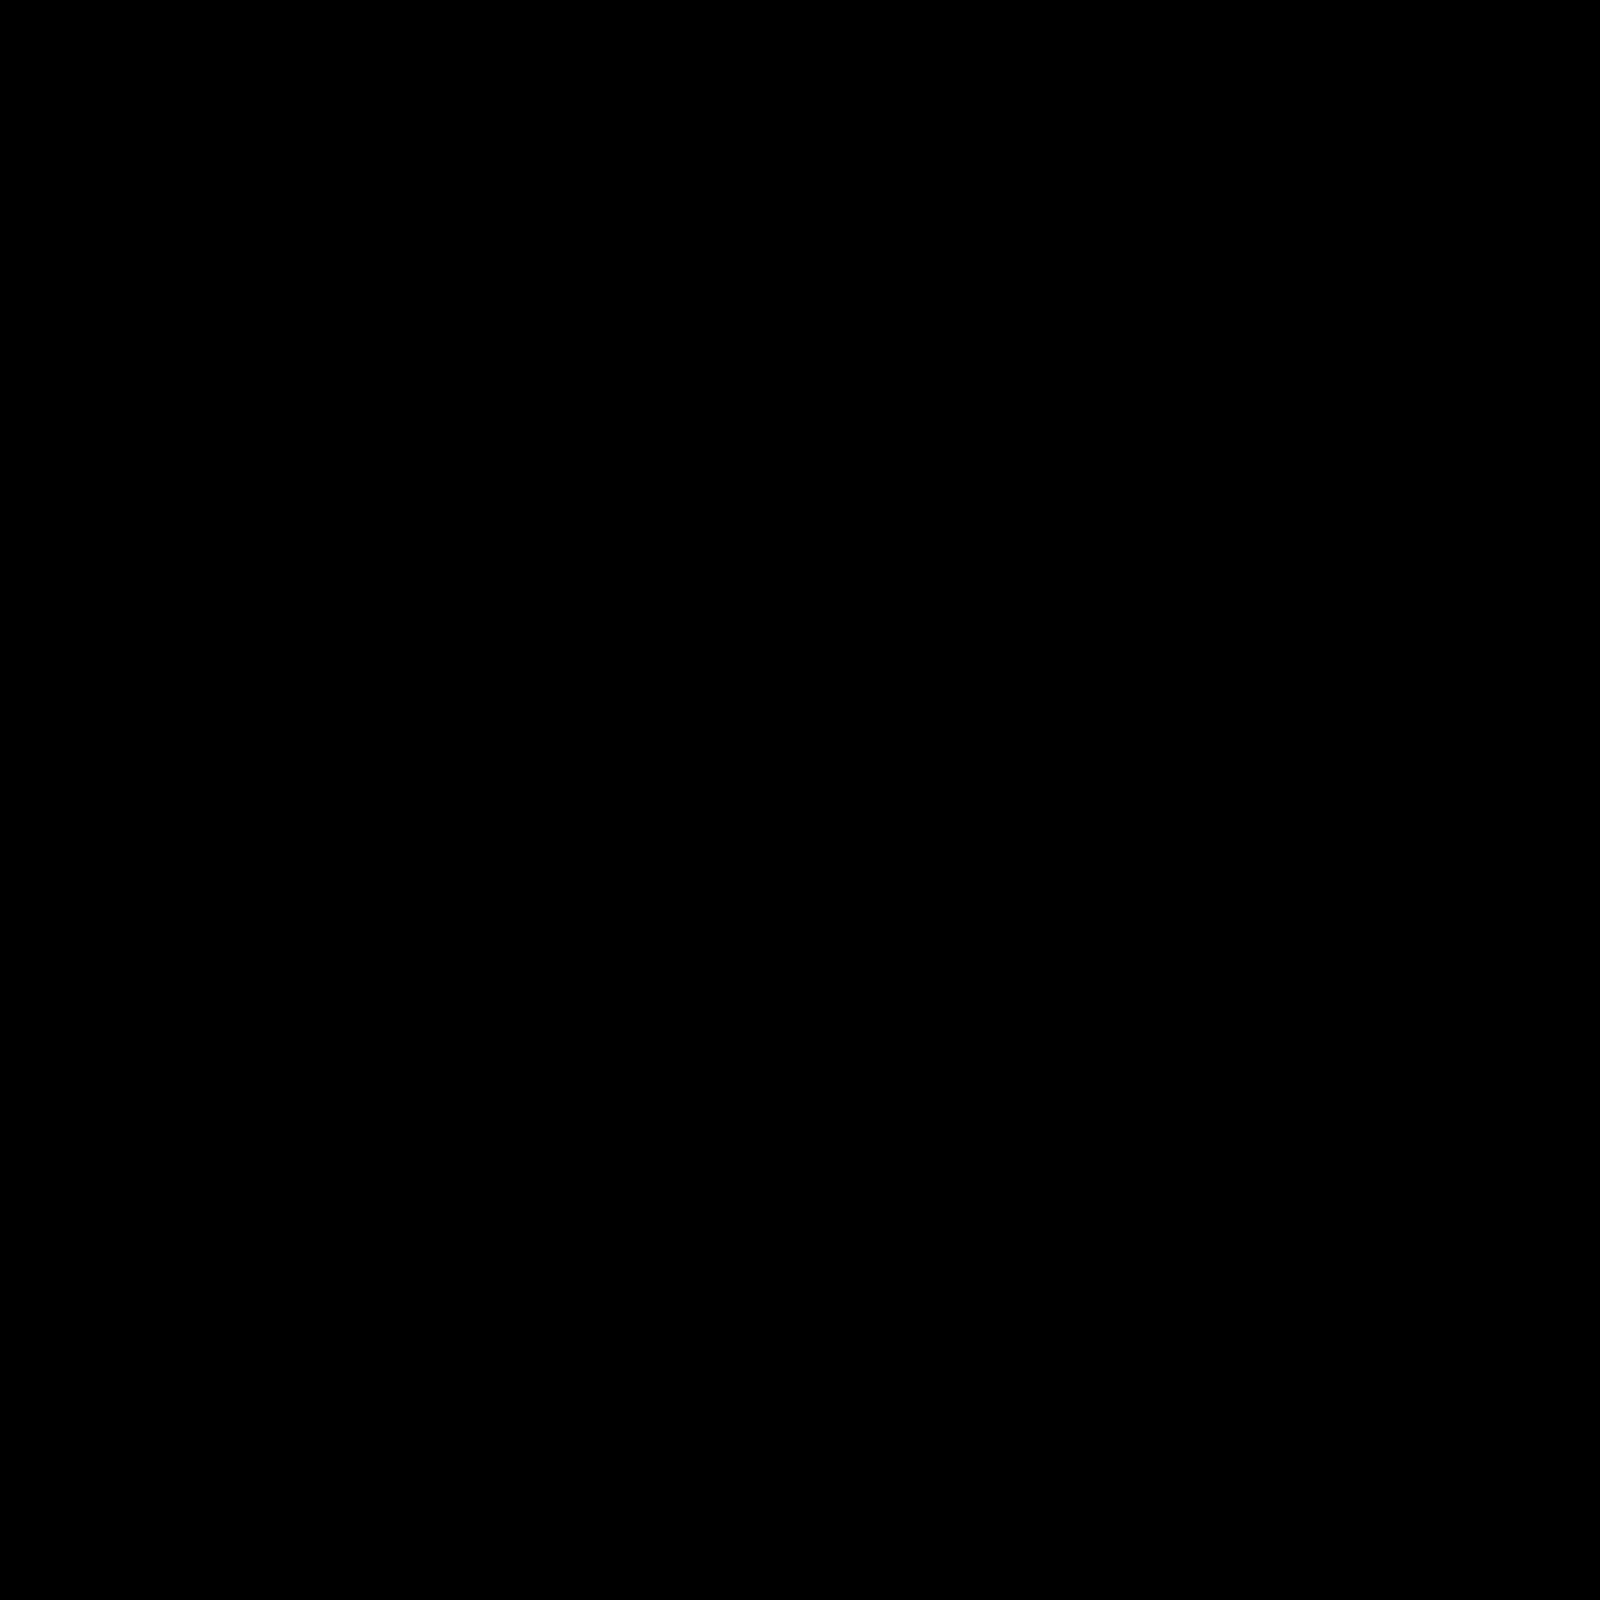 Feuerschaufel icon